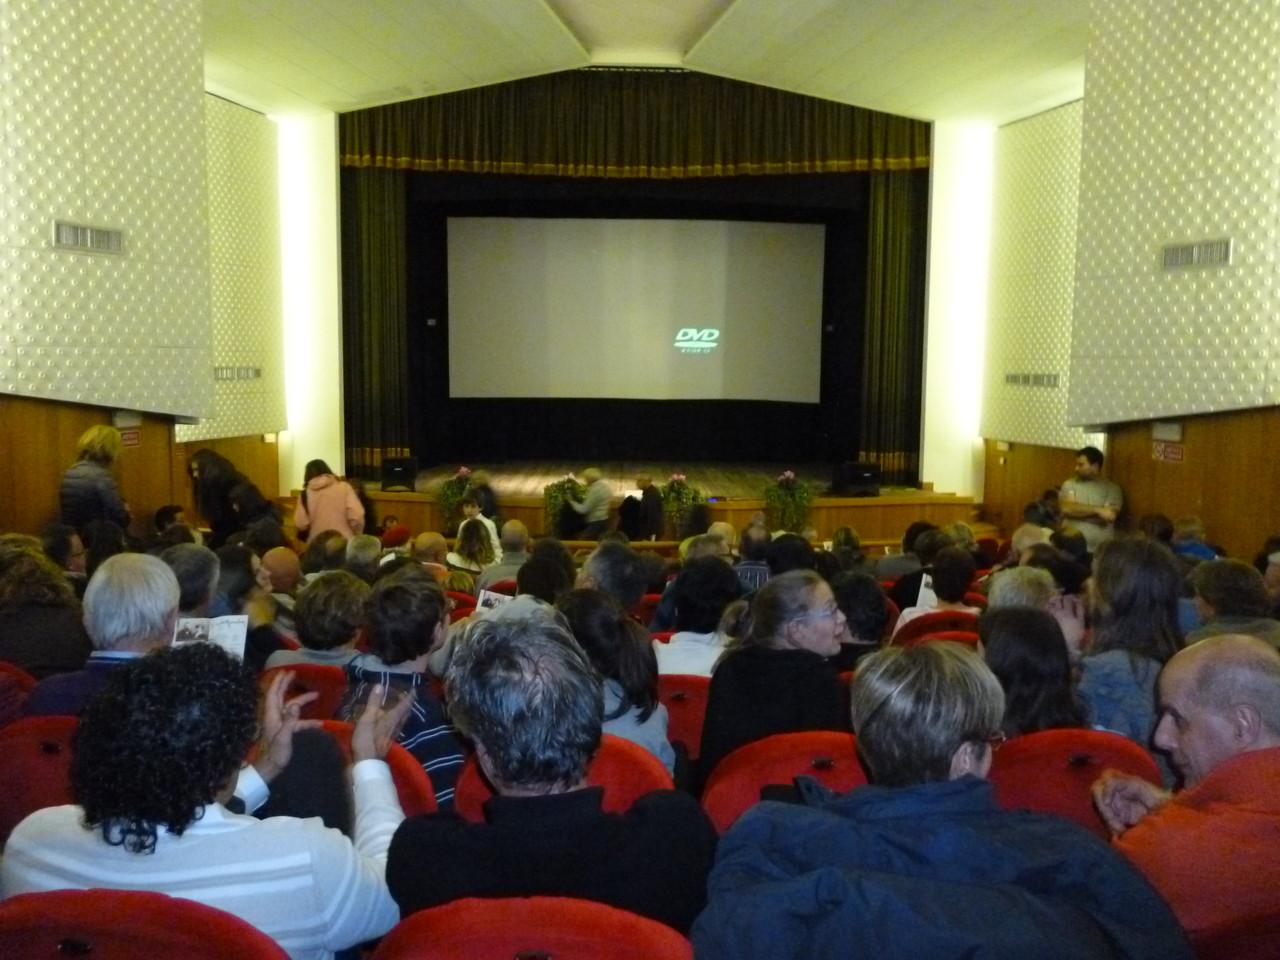 Cinema Teatro Dolomiti di Coredo sabato 10 Novembre 2012 ore 20,30